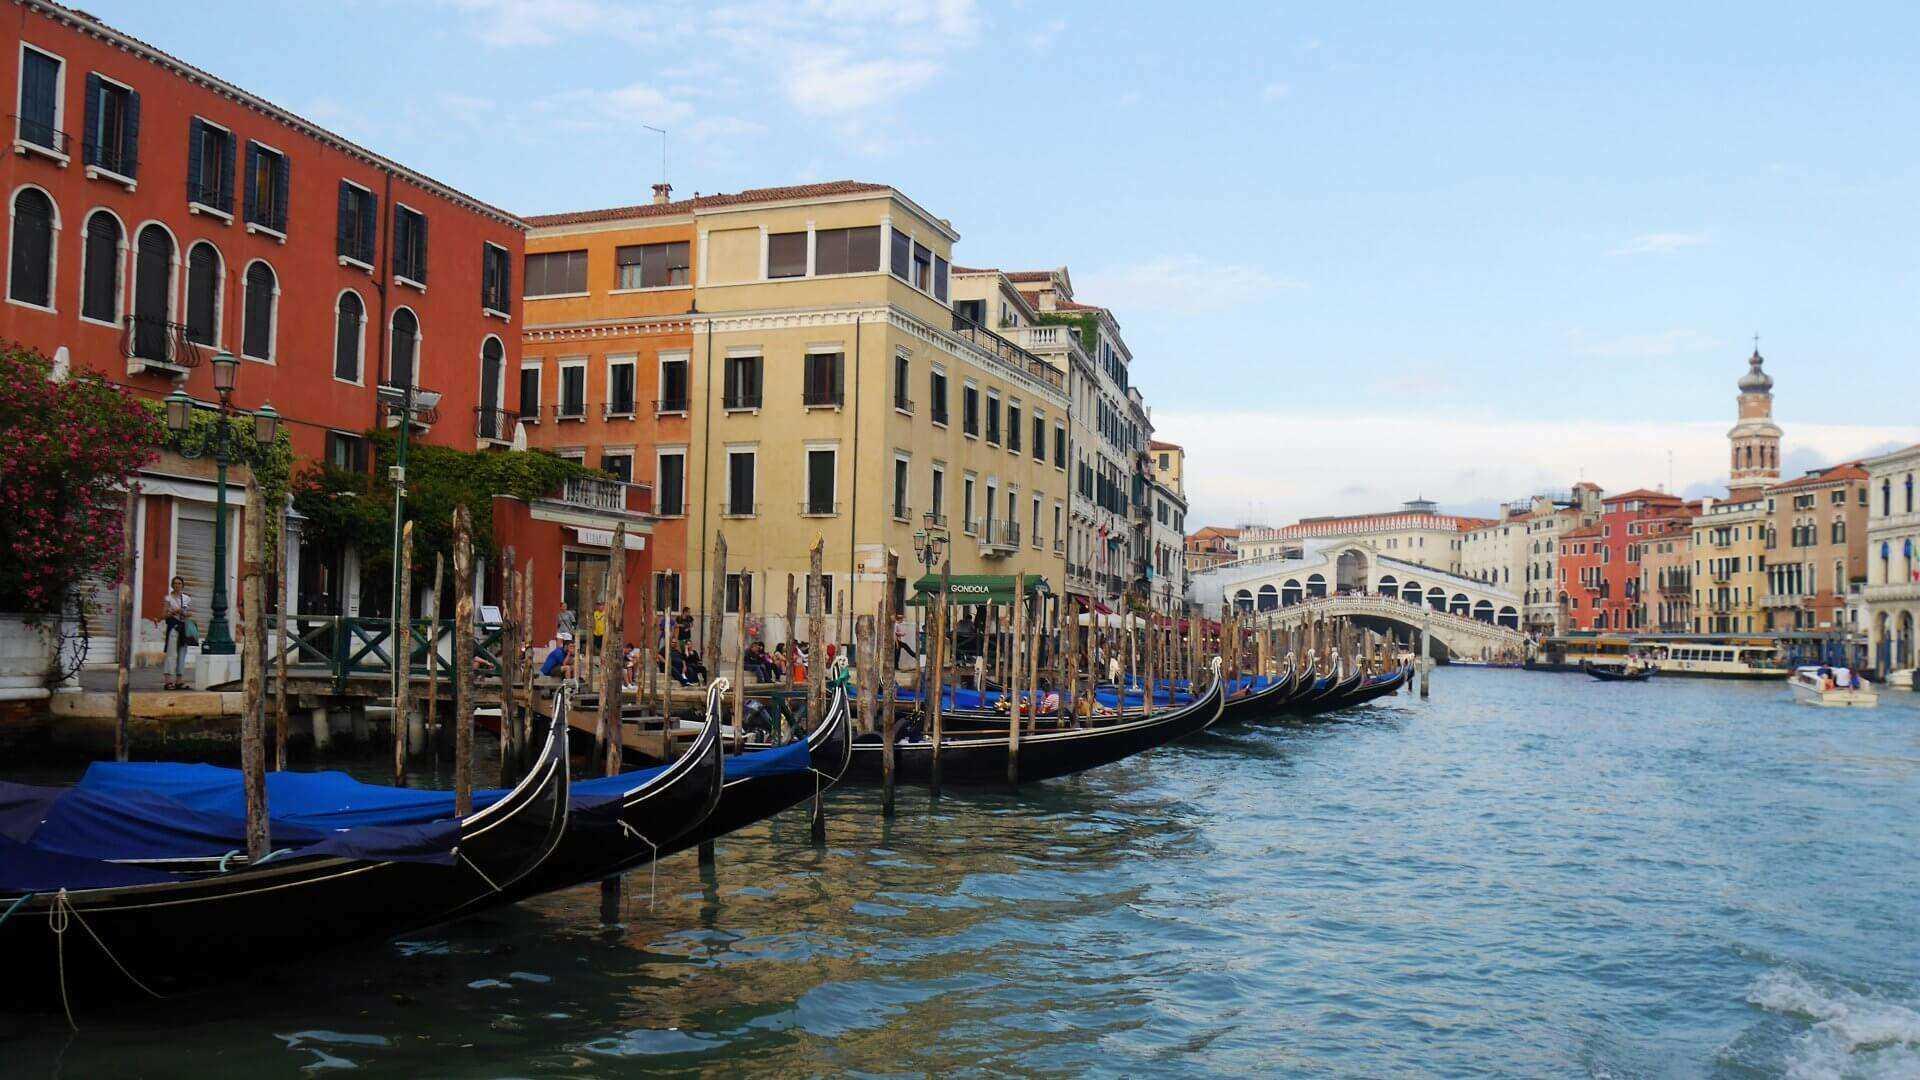 Direktflüge und Billigflüge ab Amsterdam nach Venedig